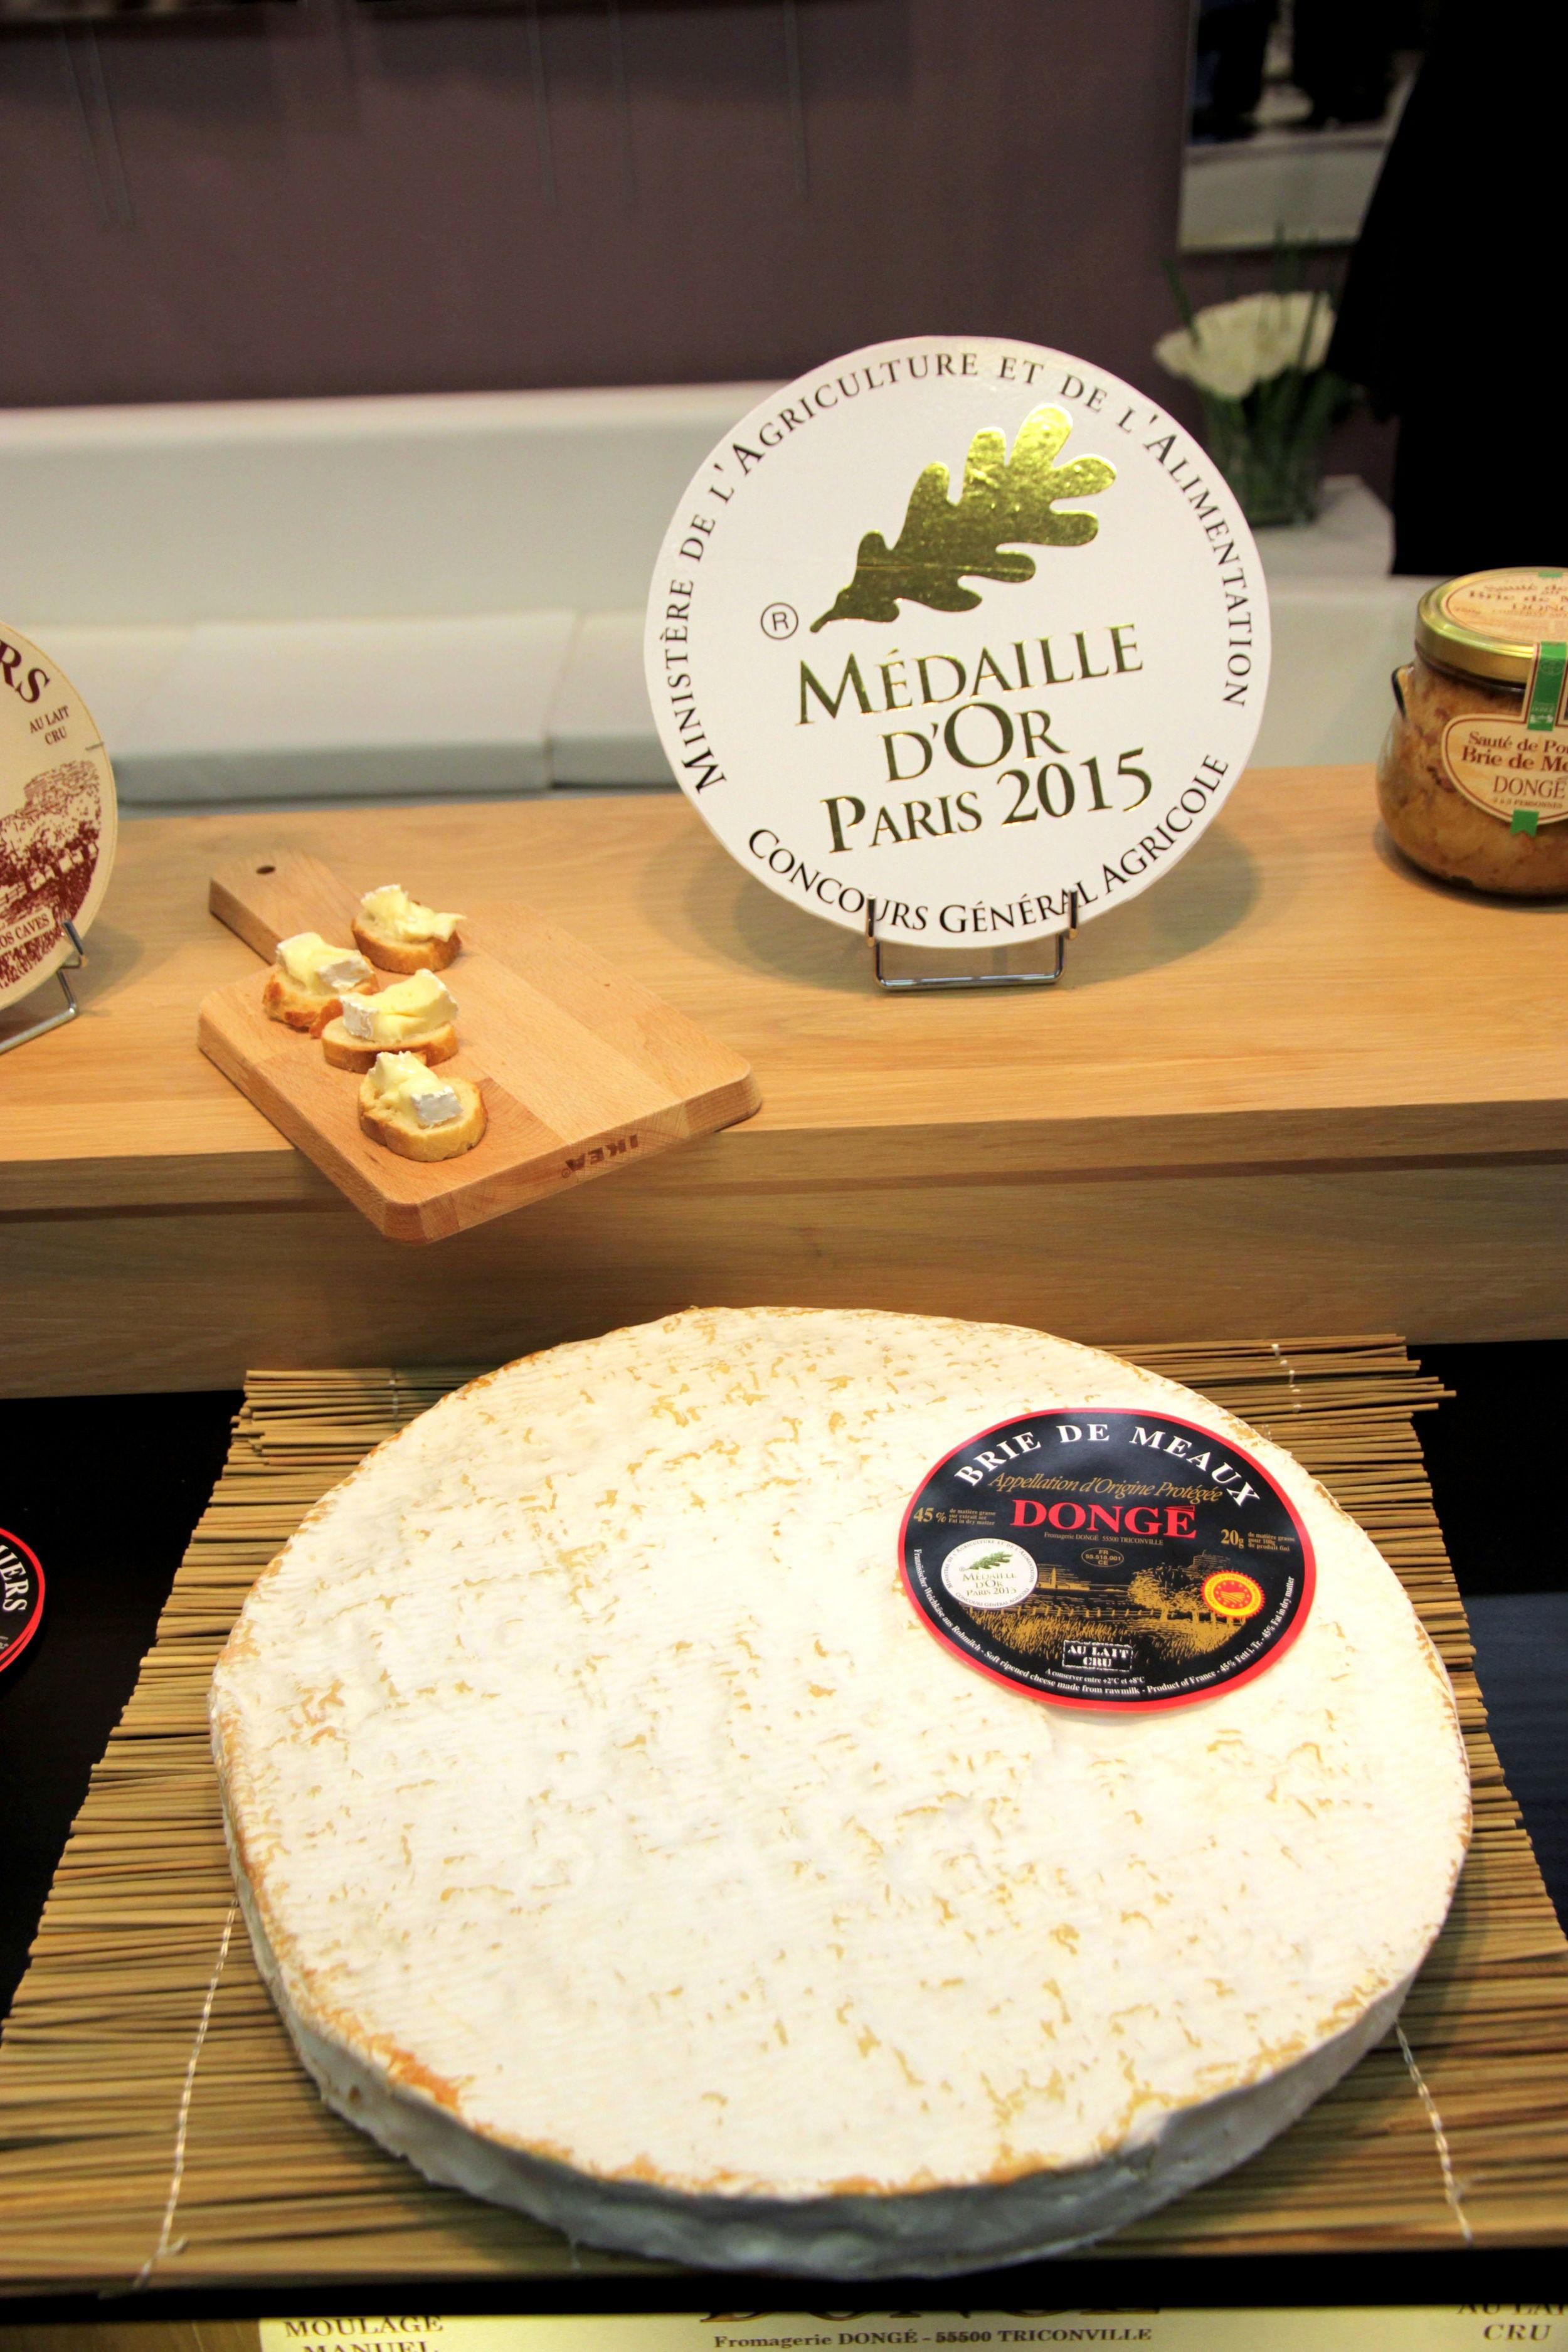 Le Brie de Meaux, façon Dongé